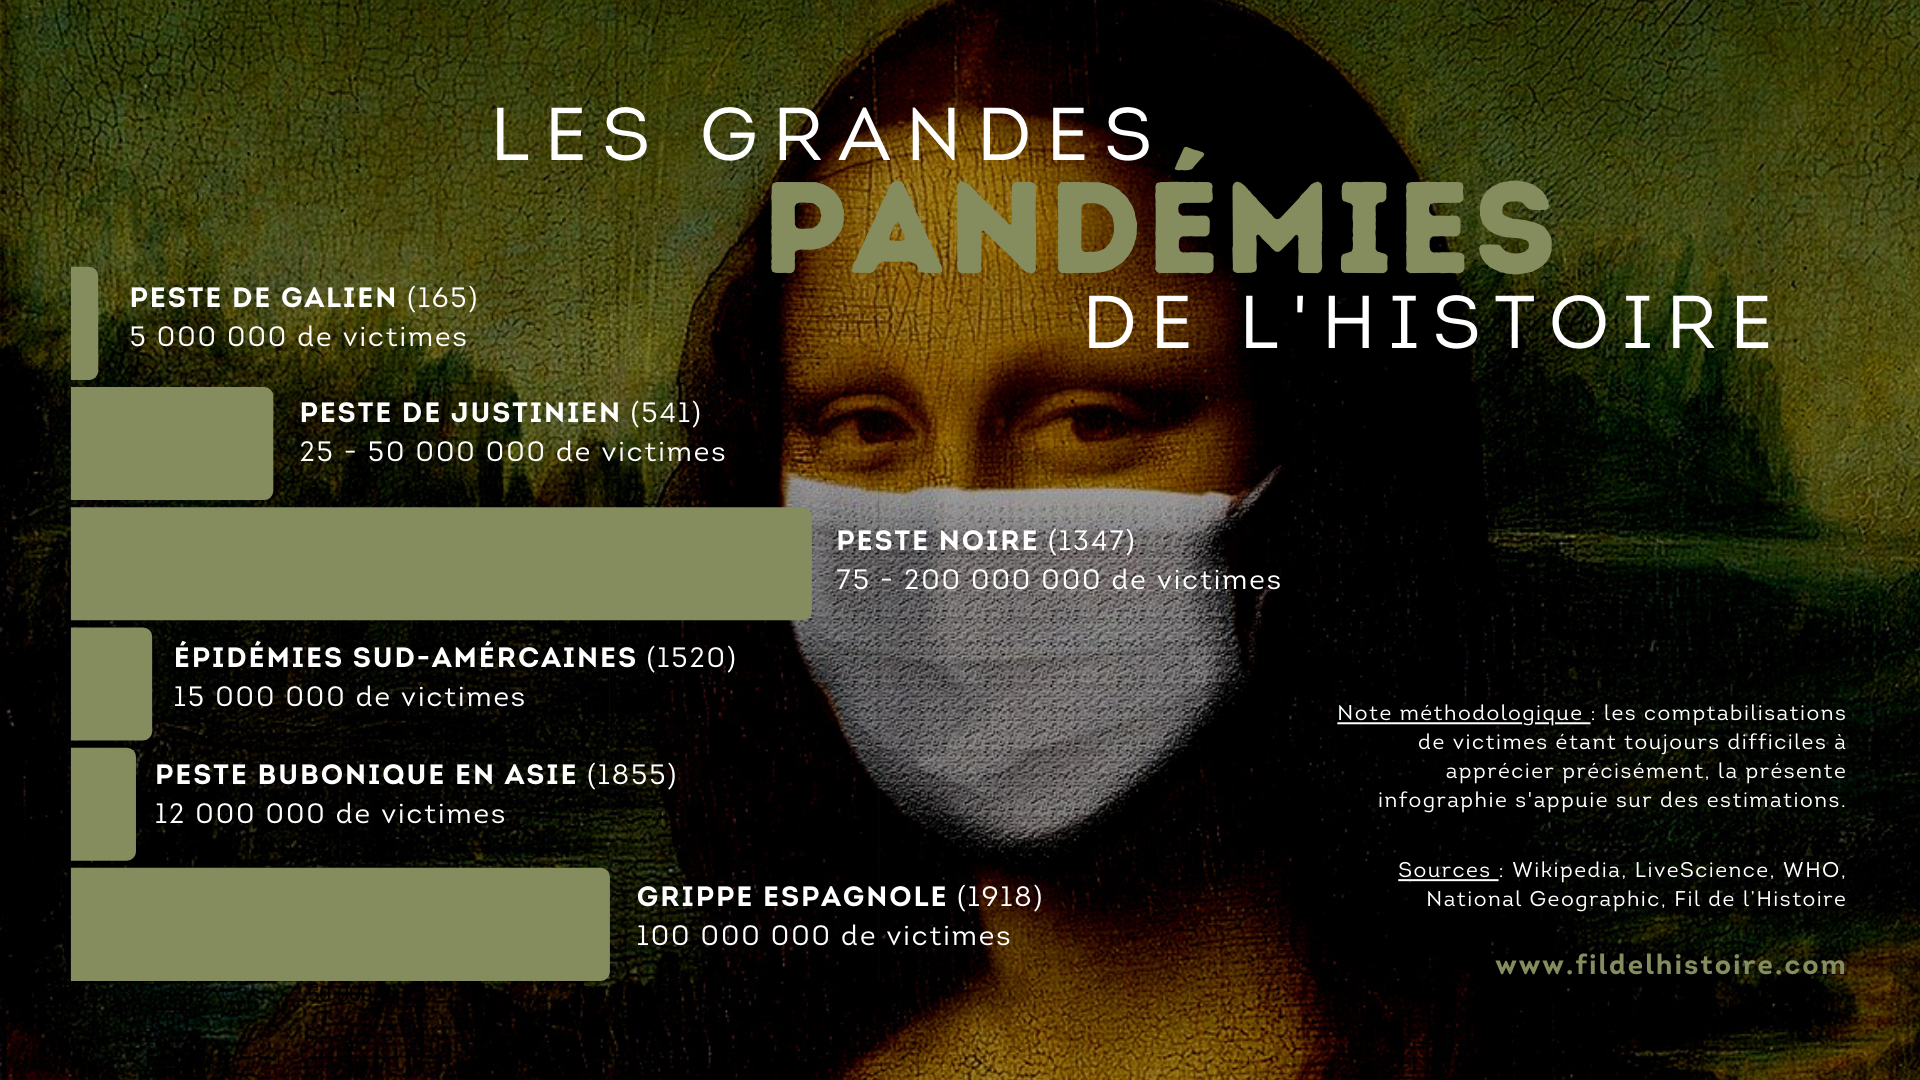 Pandémies histoire infographie pestes